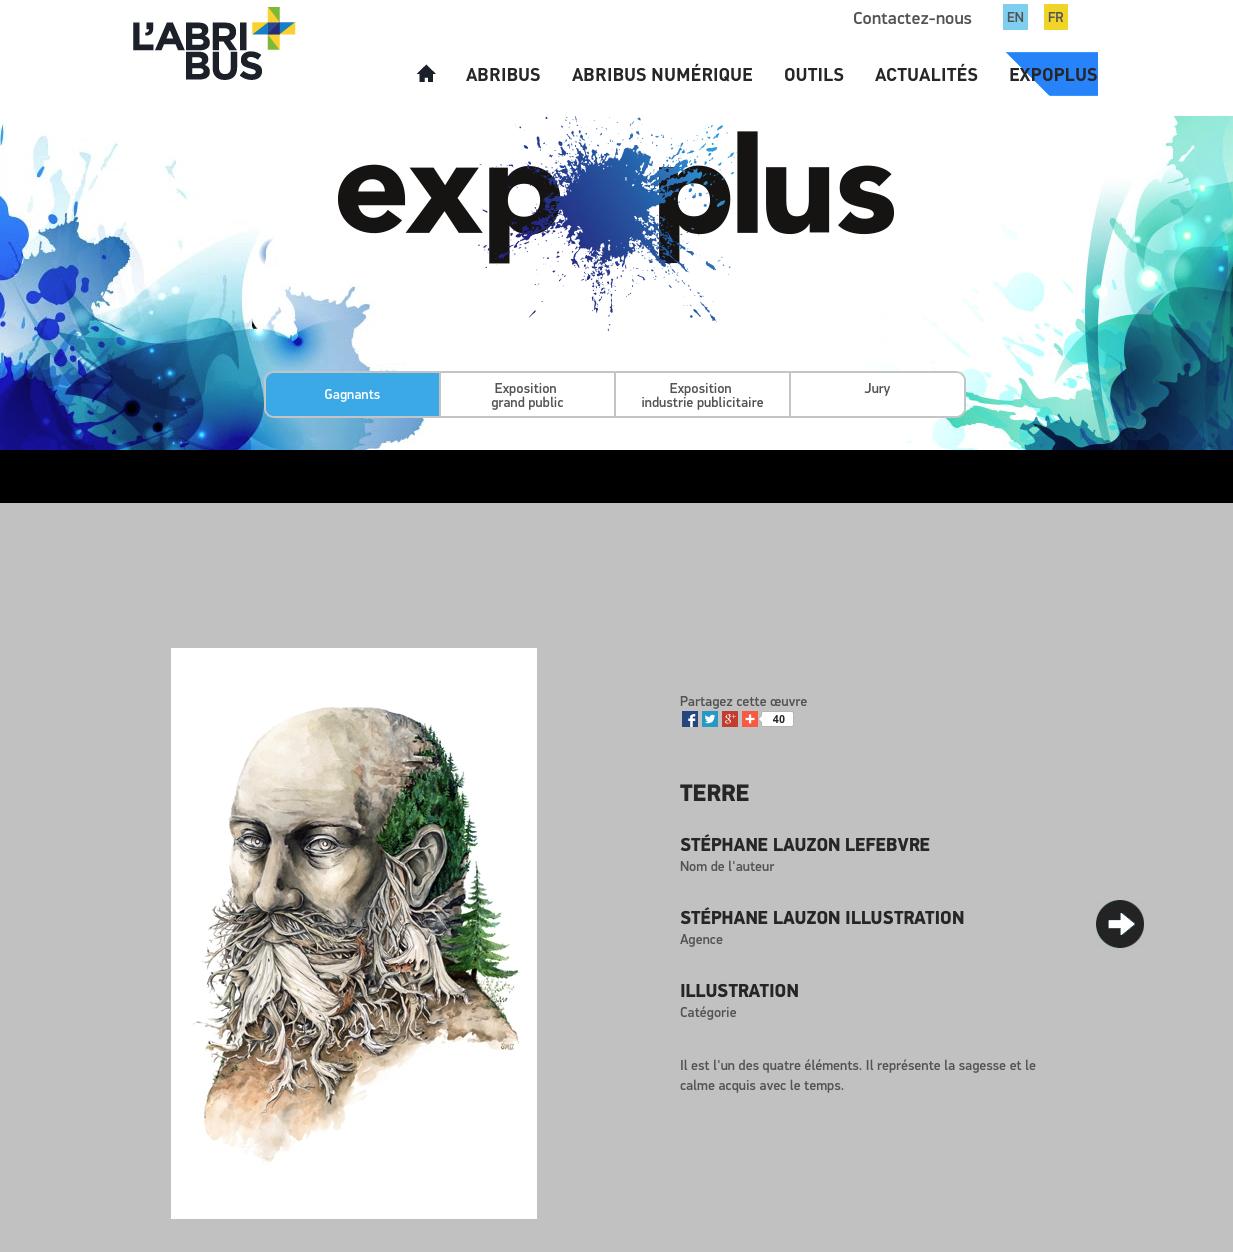 Gagnant Expo Plus Stéphane Lauzon